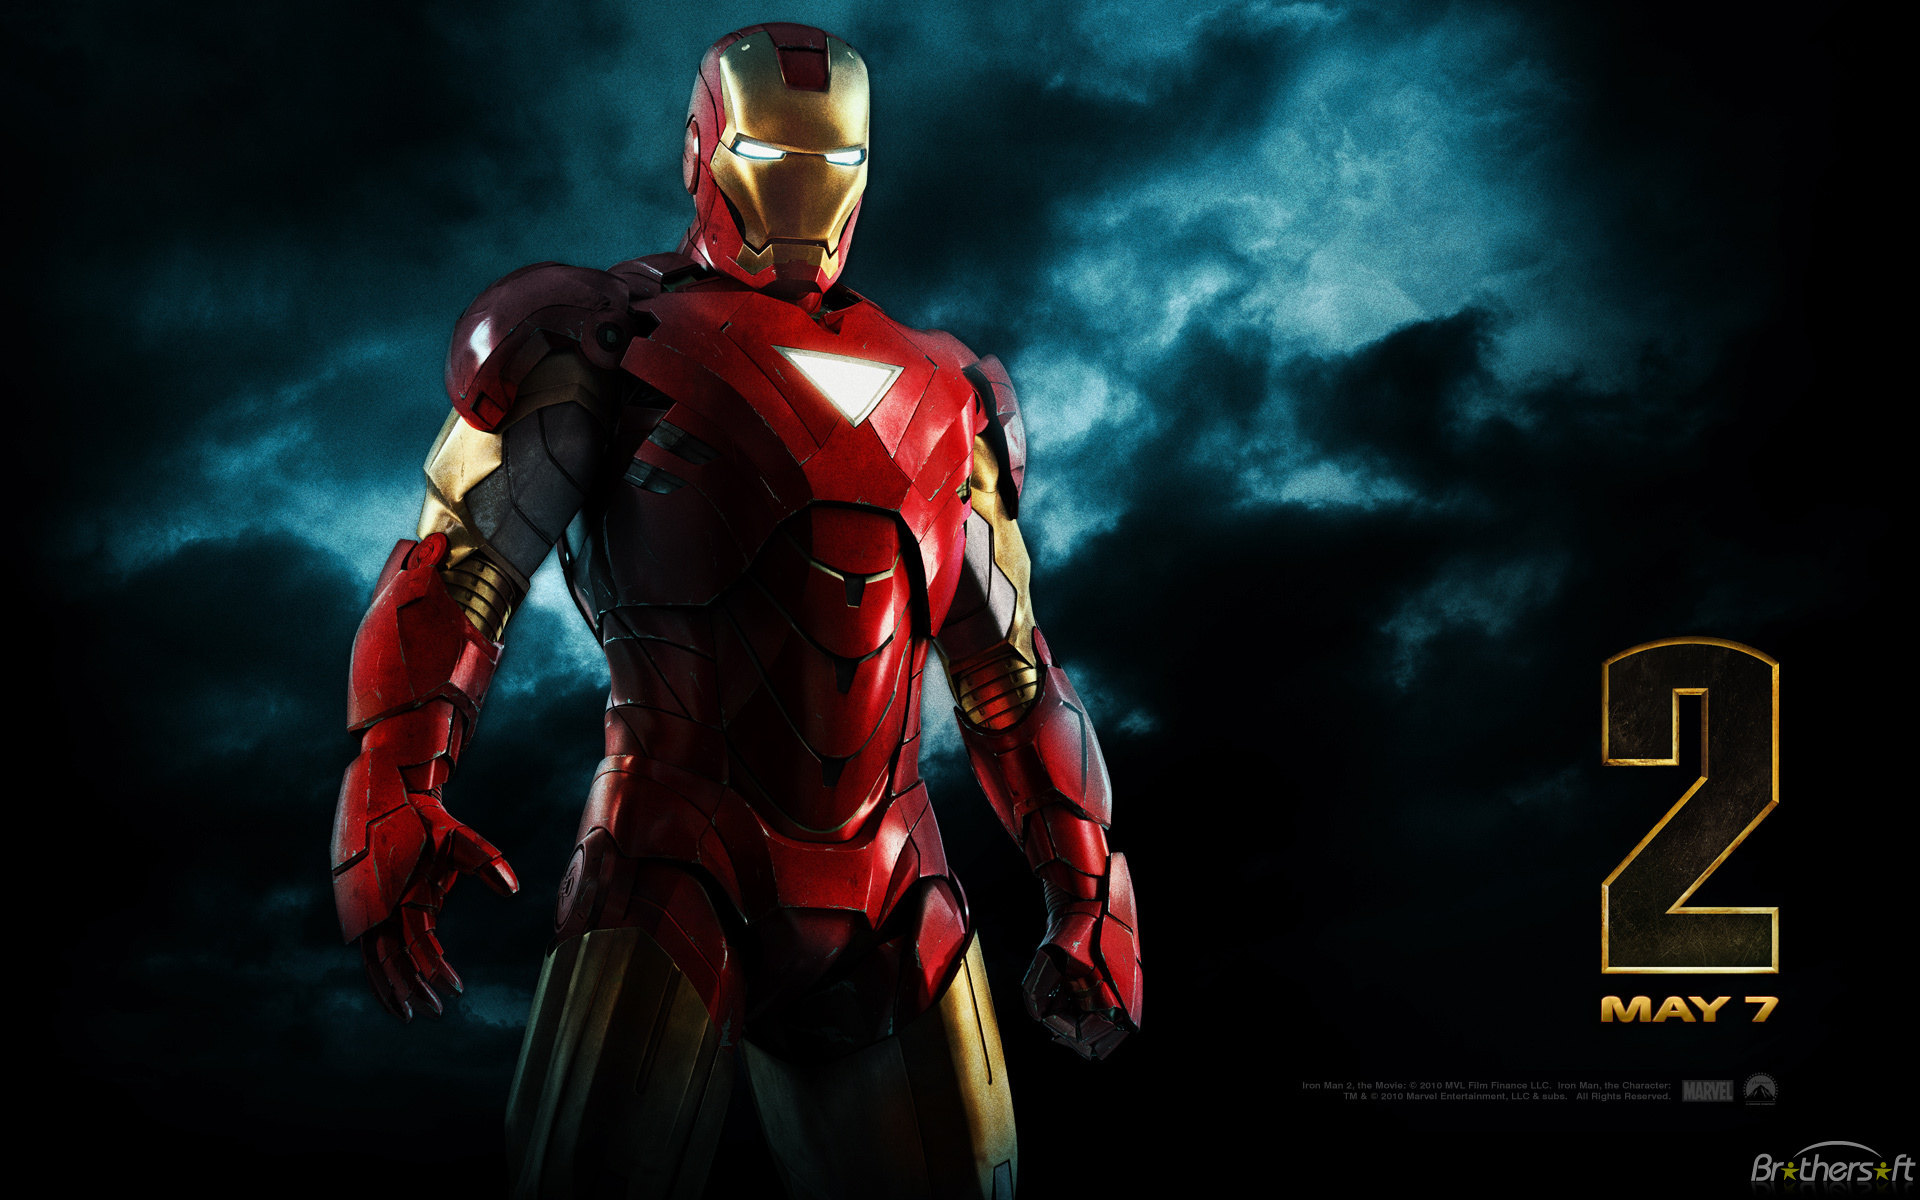 Download Iron Man 2 Wallpaper Iron Man 2 Wallpaper 10 Download 1920x1200